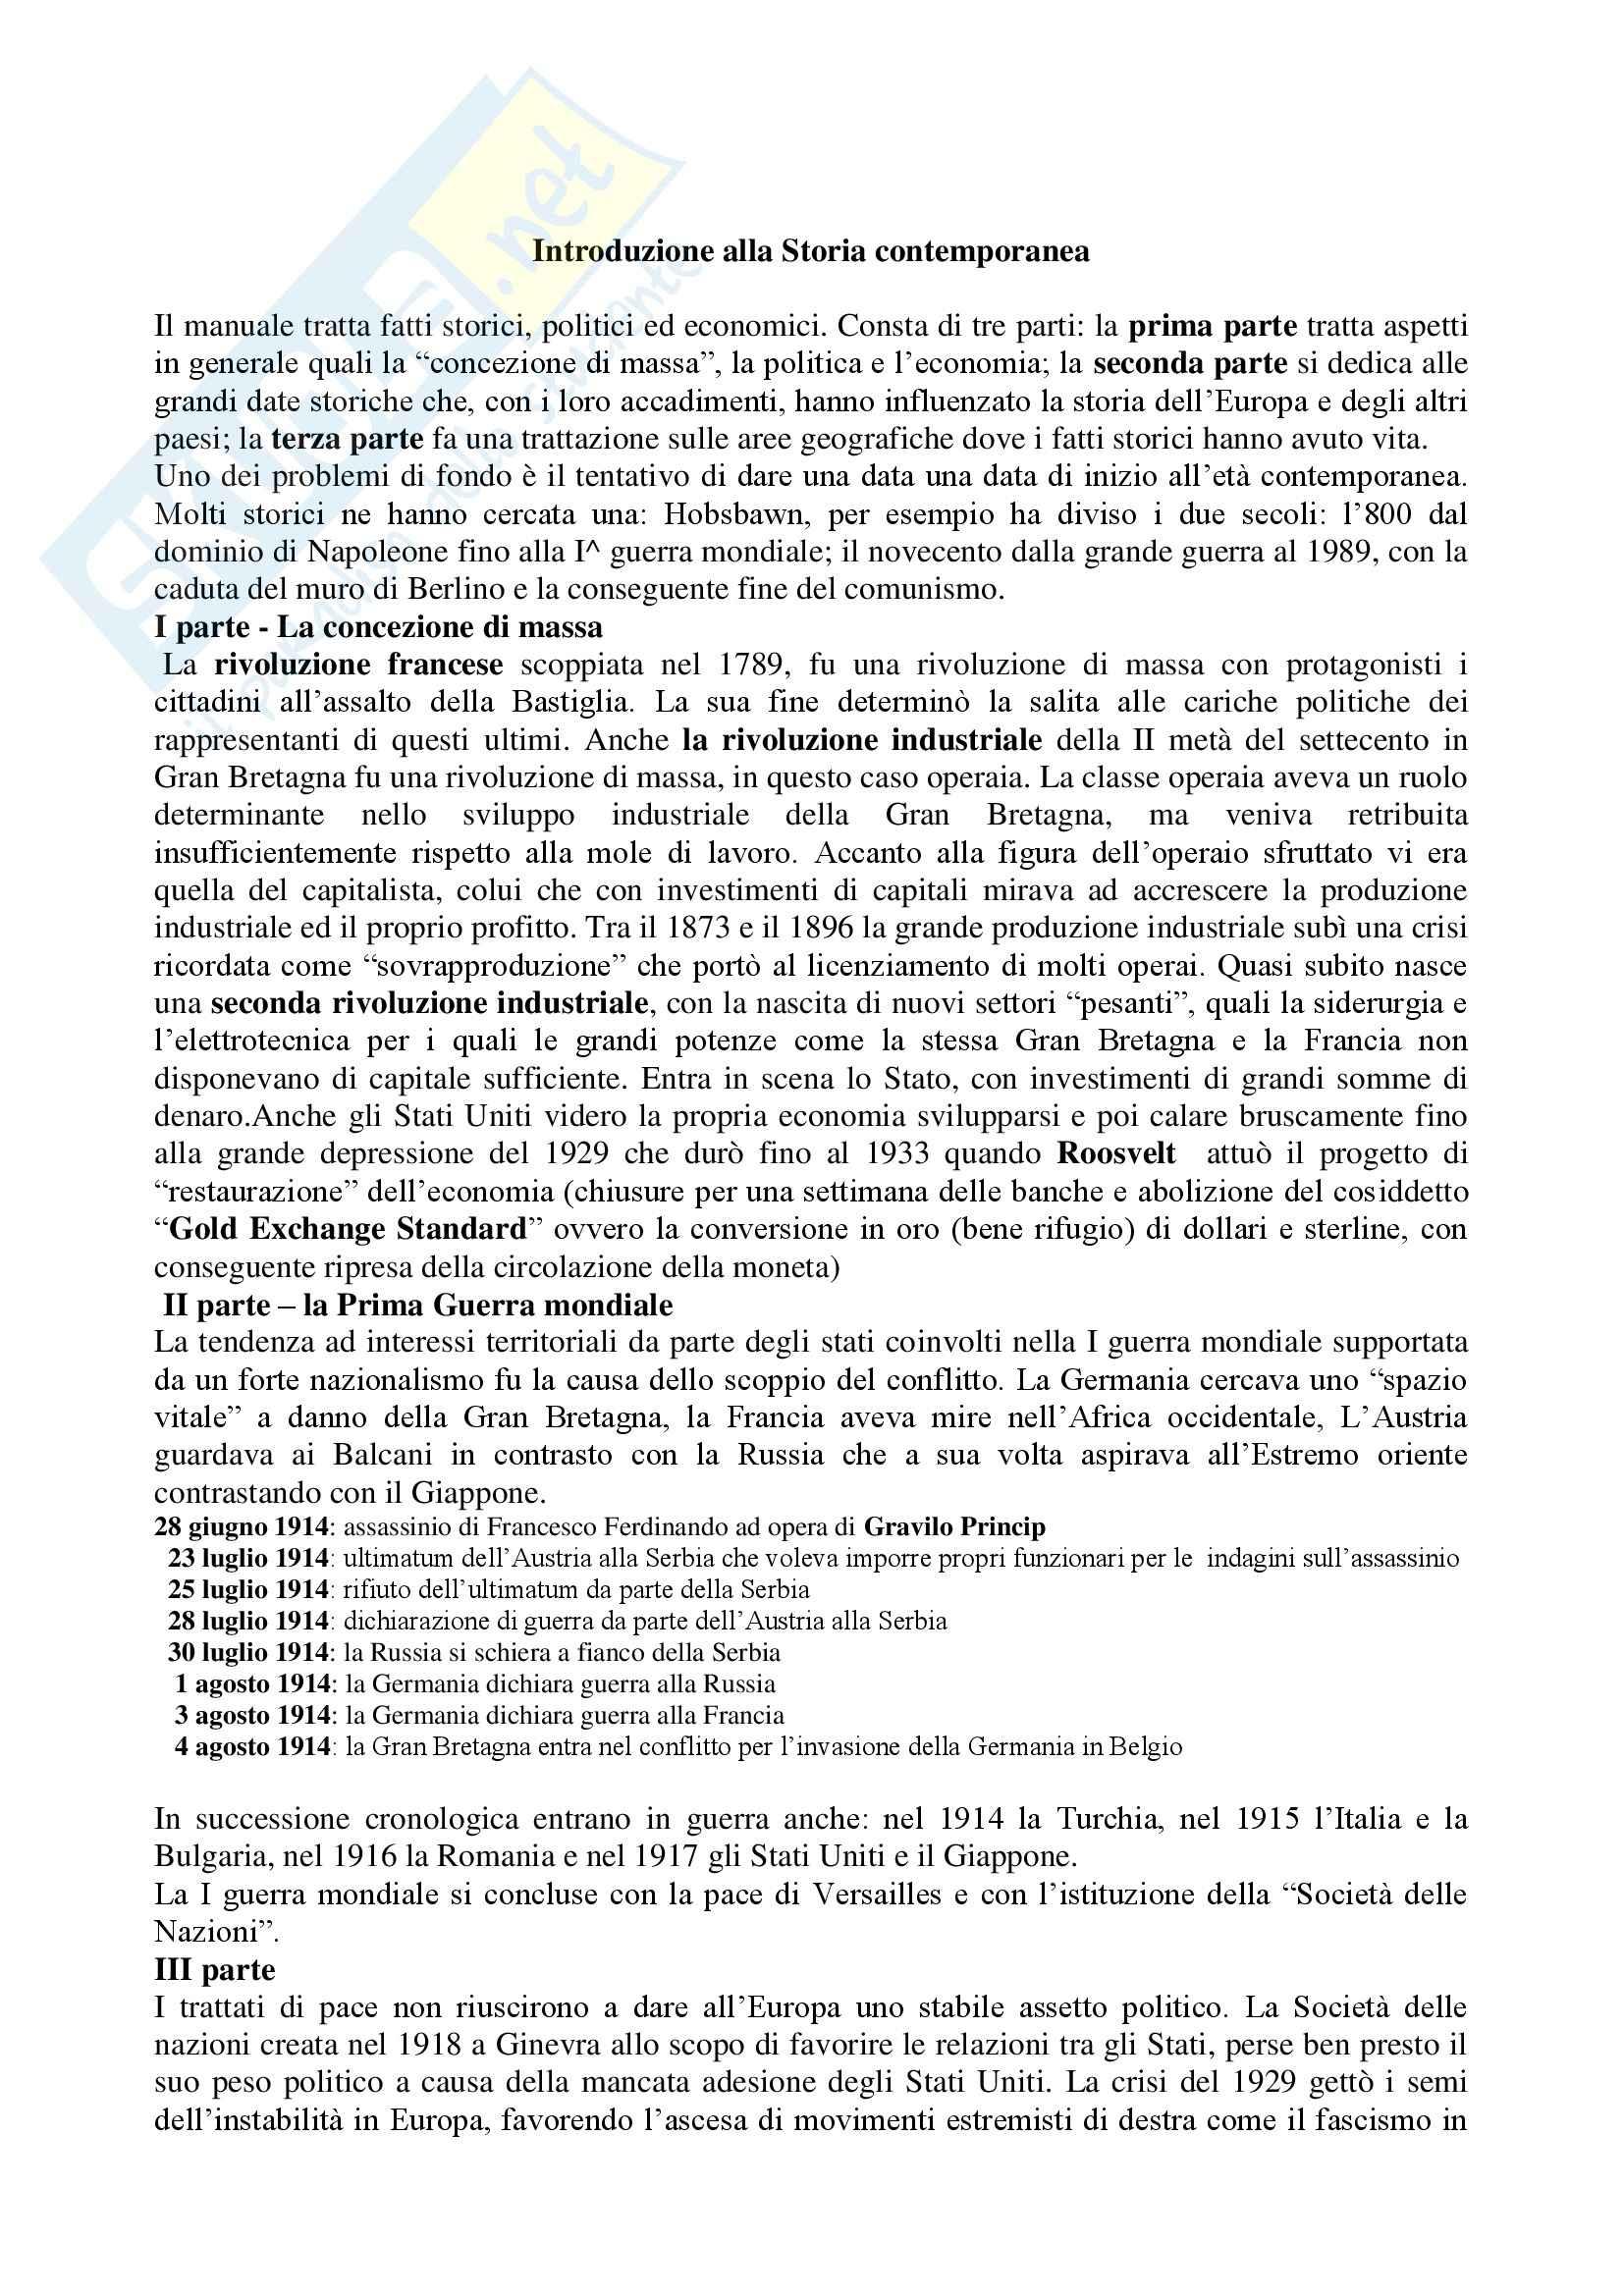 Riassunto esame Storia Contemporanea, prof. indefinito, libro consigliato Introduzione alla Storia Contemporanea, Pombeni